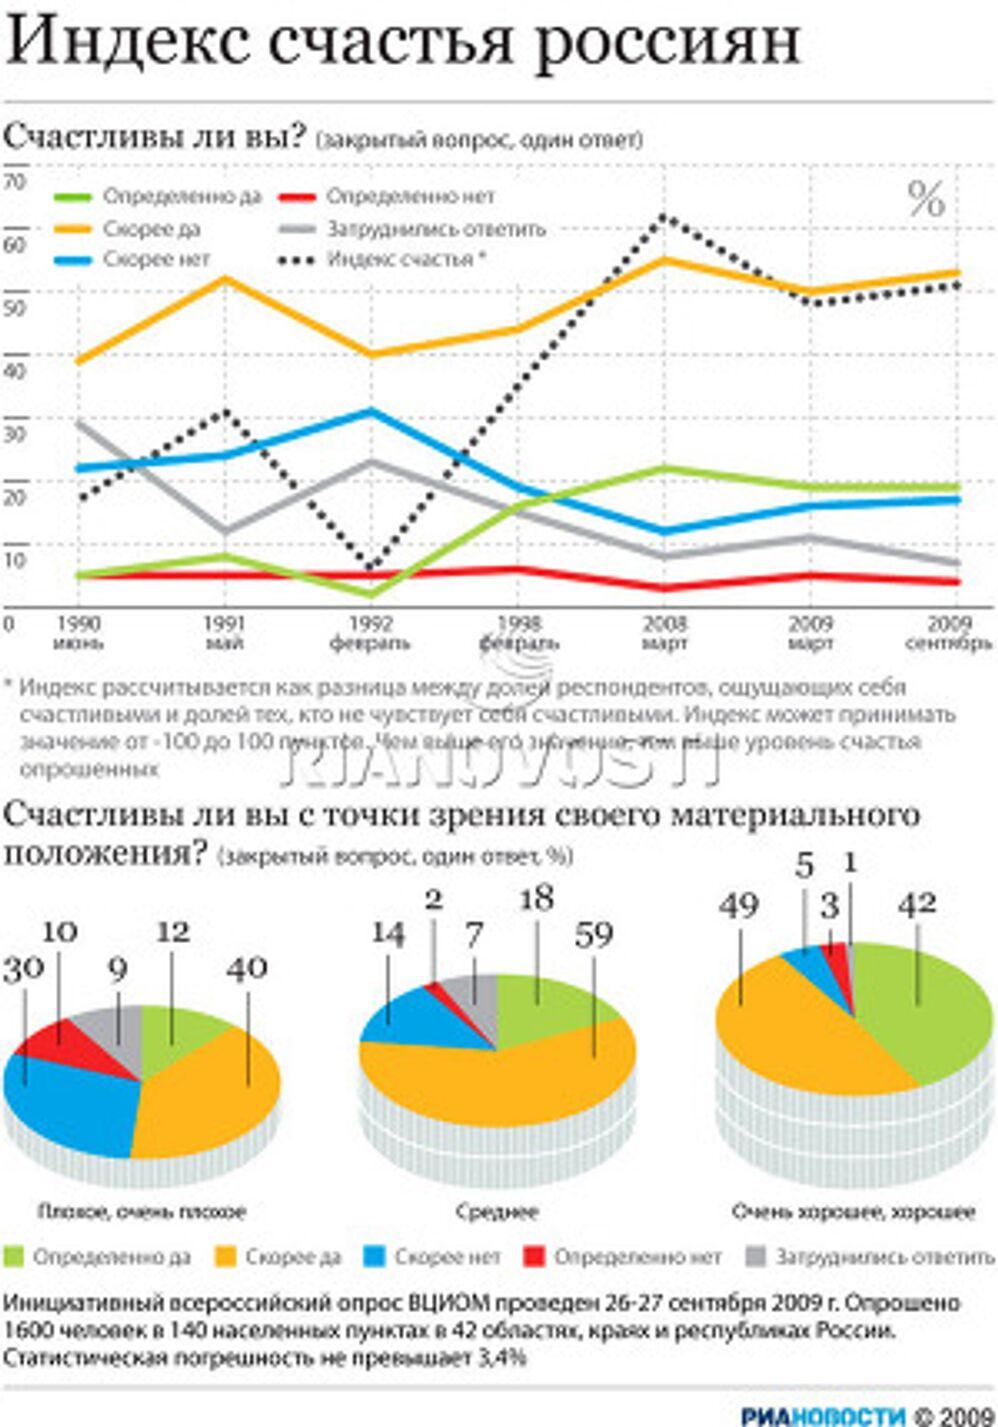 Индекс счастья россиян